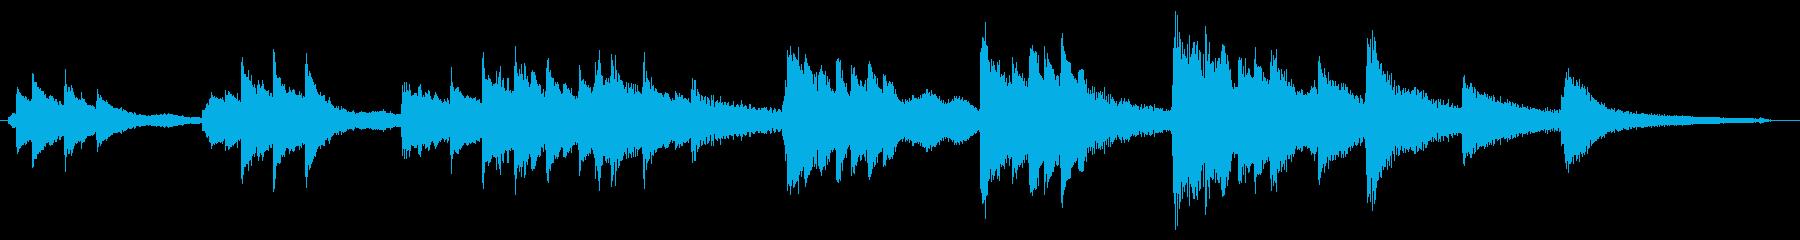 気だるいバラードピアノソロ 30秒版の再生済みの波形